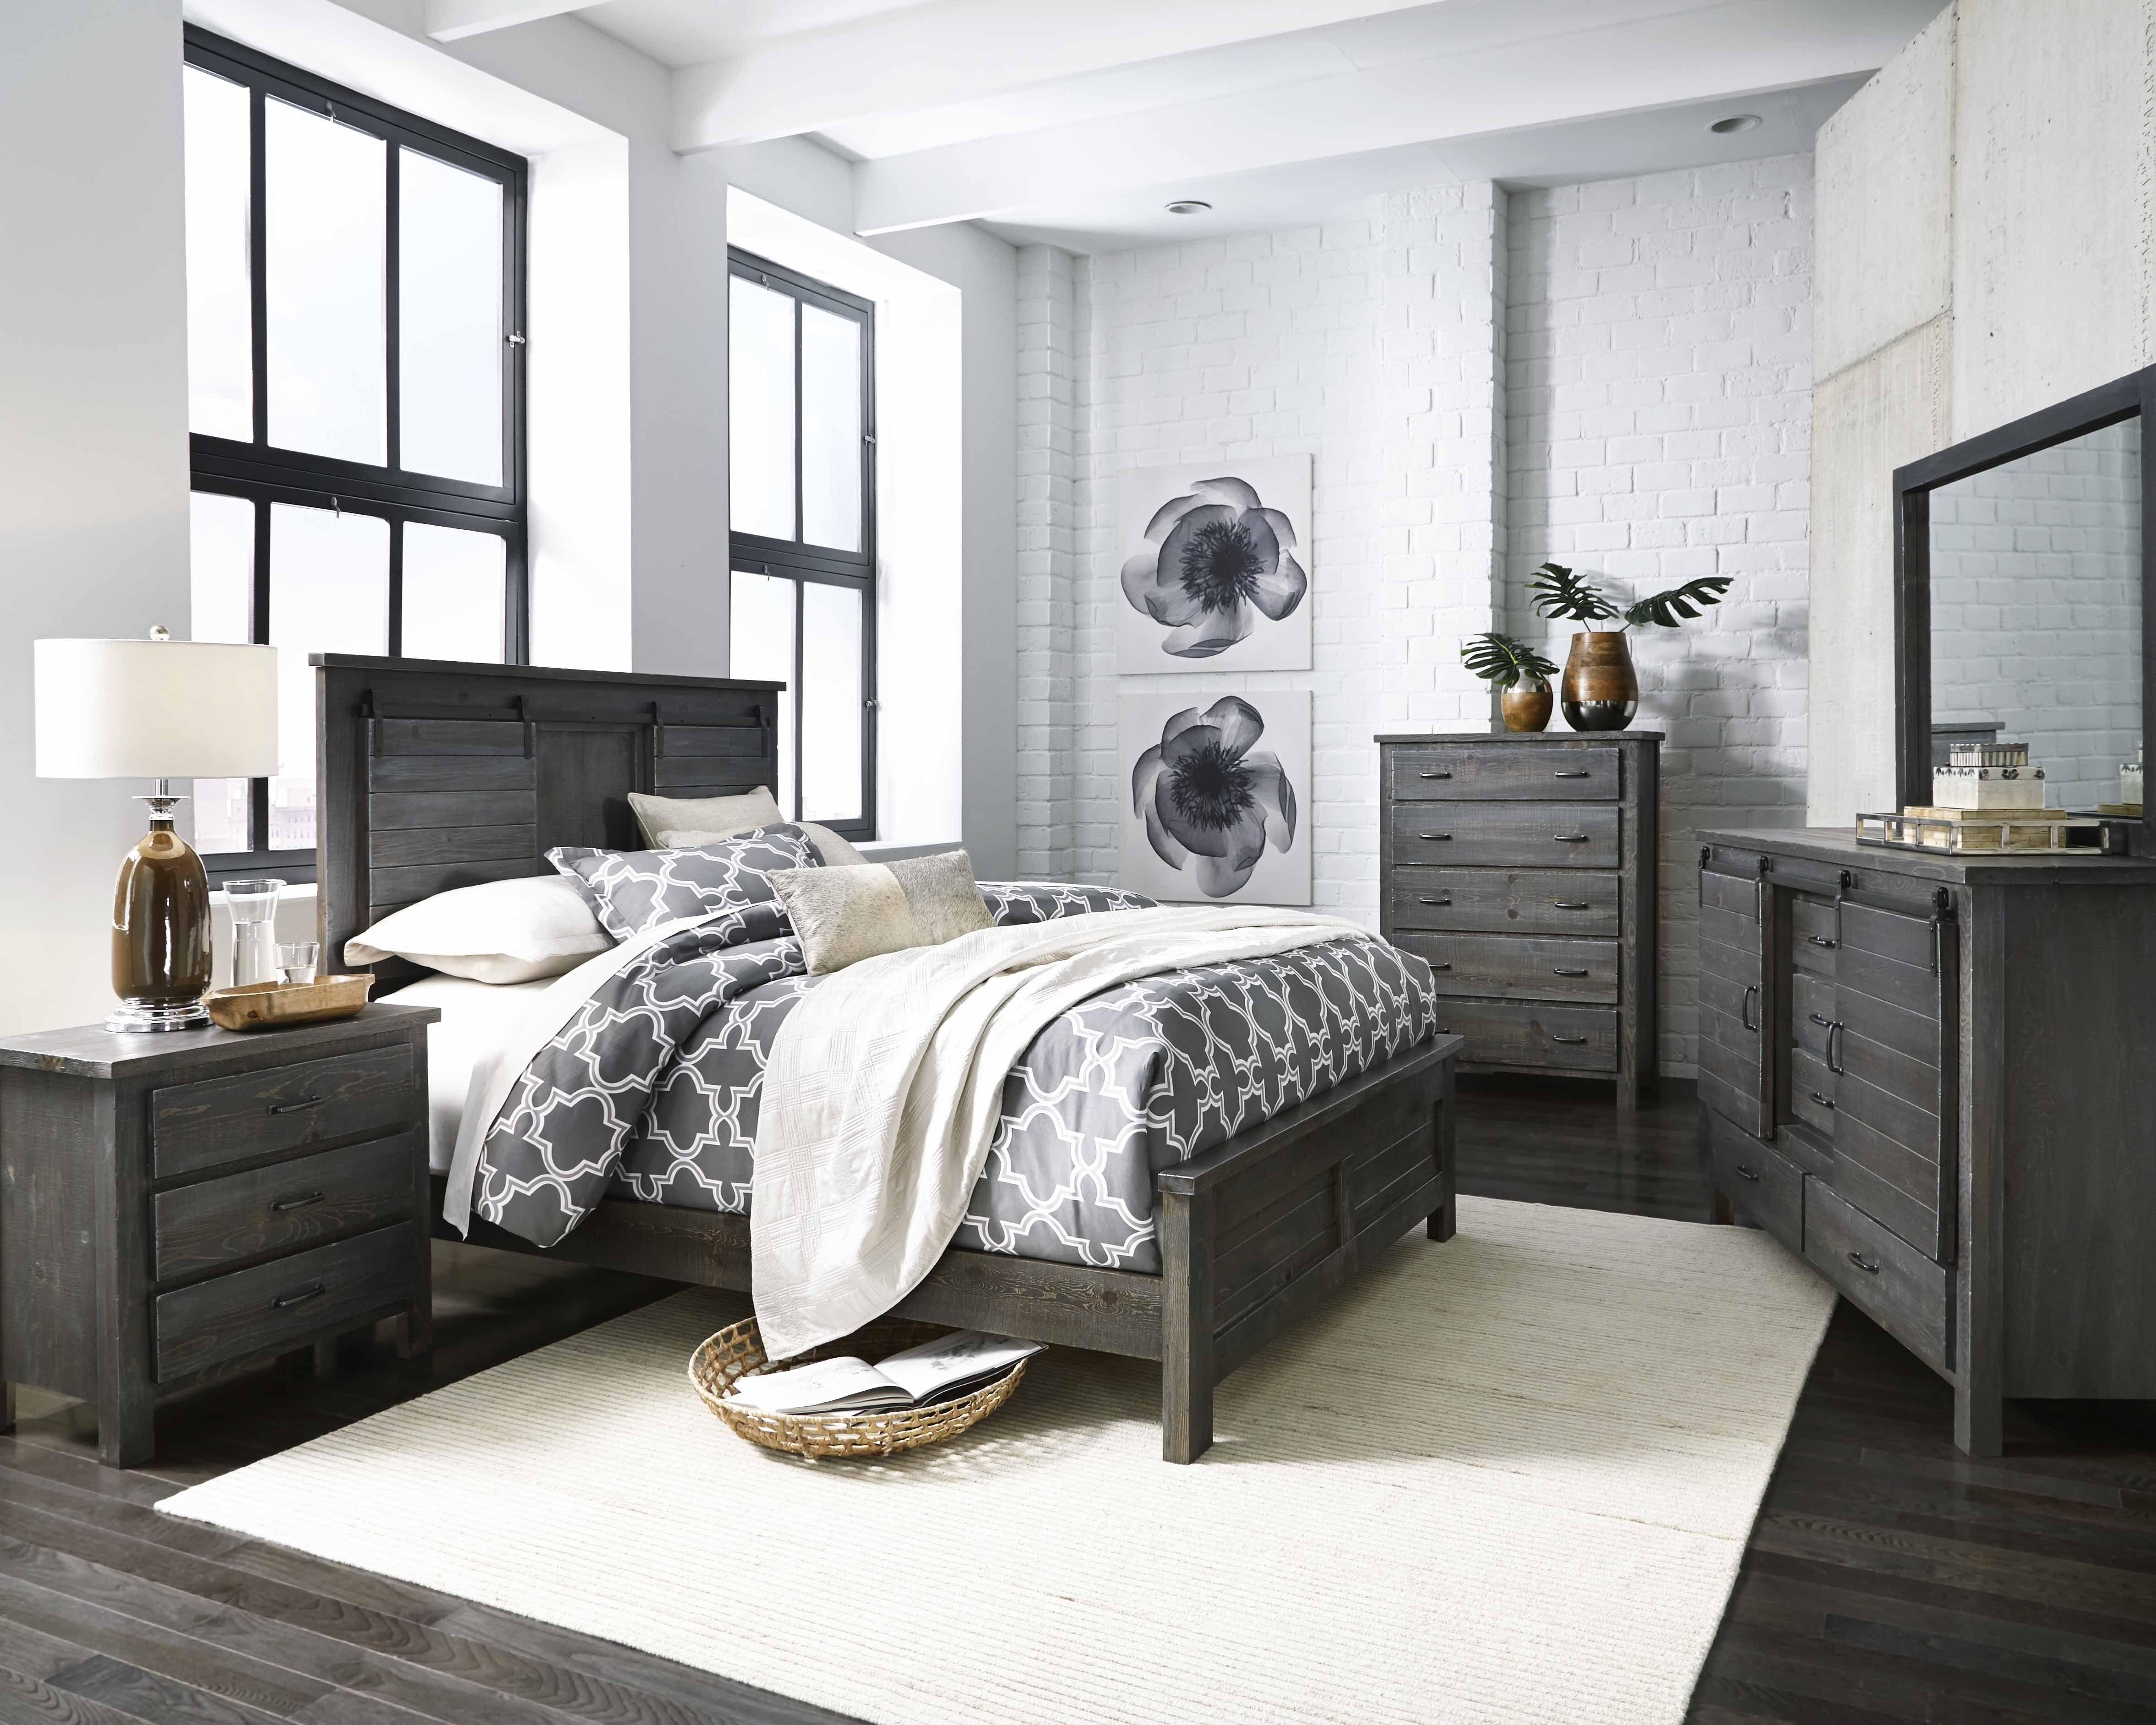 B656 Lucerne Bedroom set, Progressive furniture, Grey